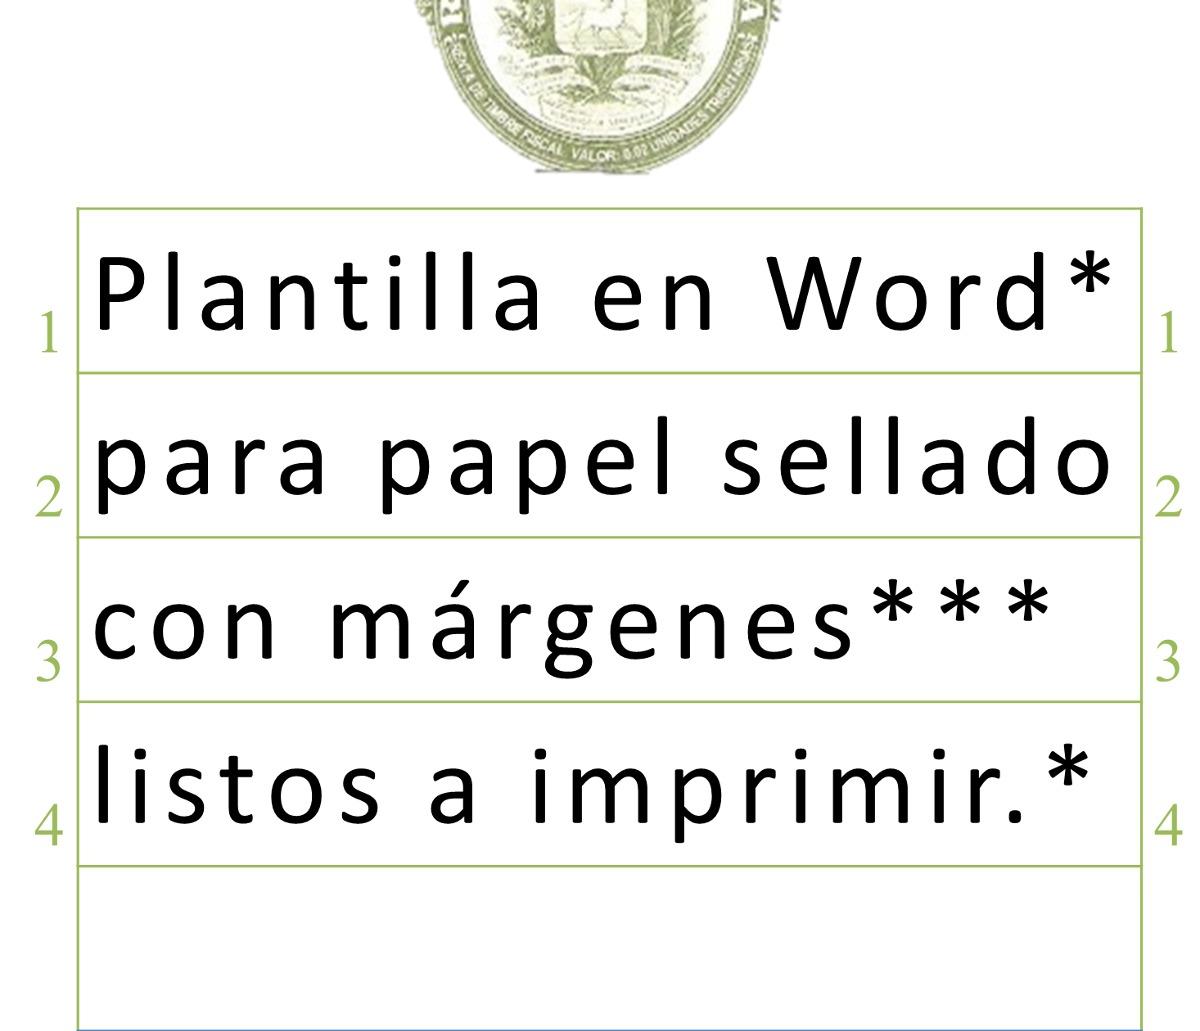 Plantilla O Formato En Word Para Imprimir En Papel Sellado - Bs ...